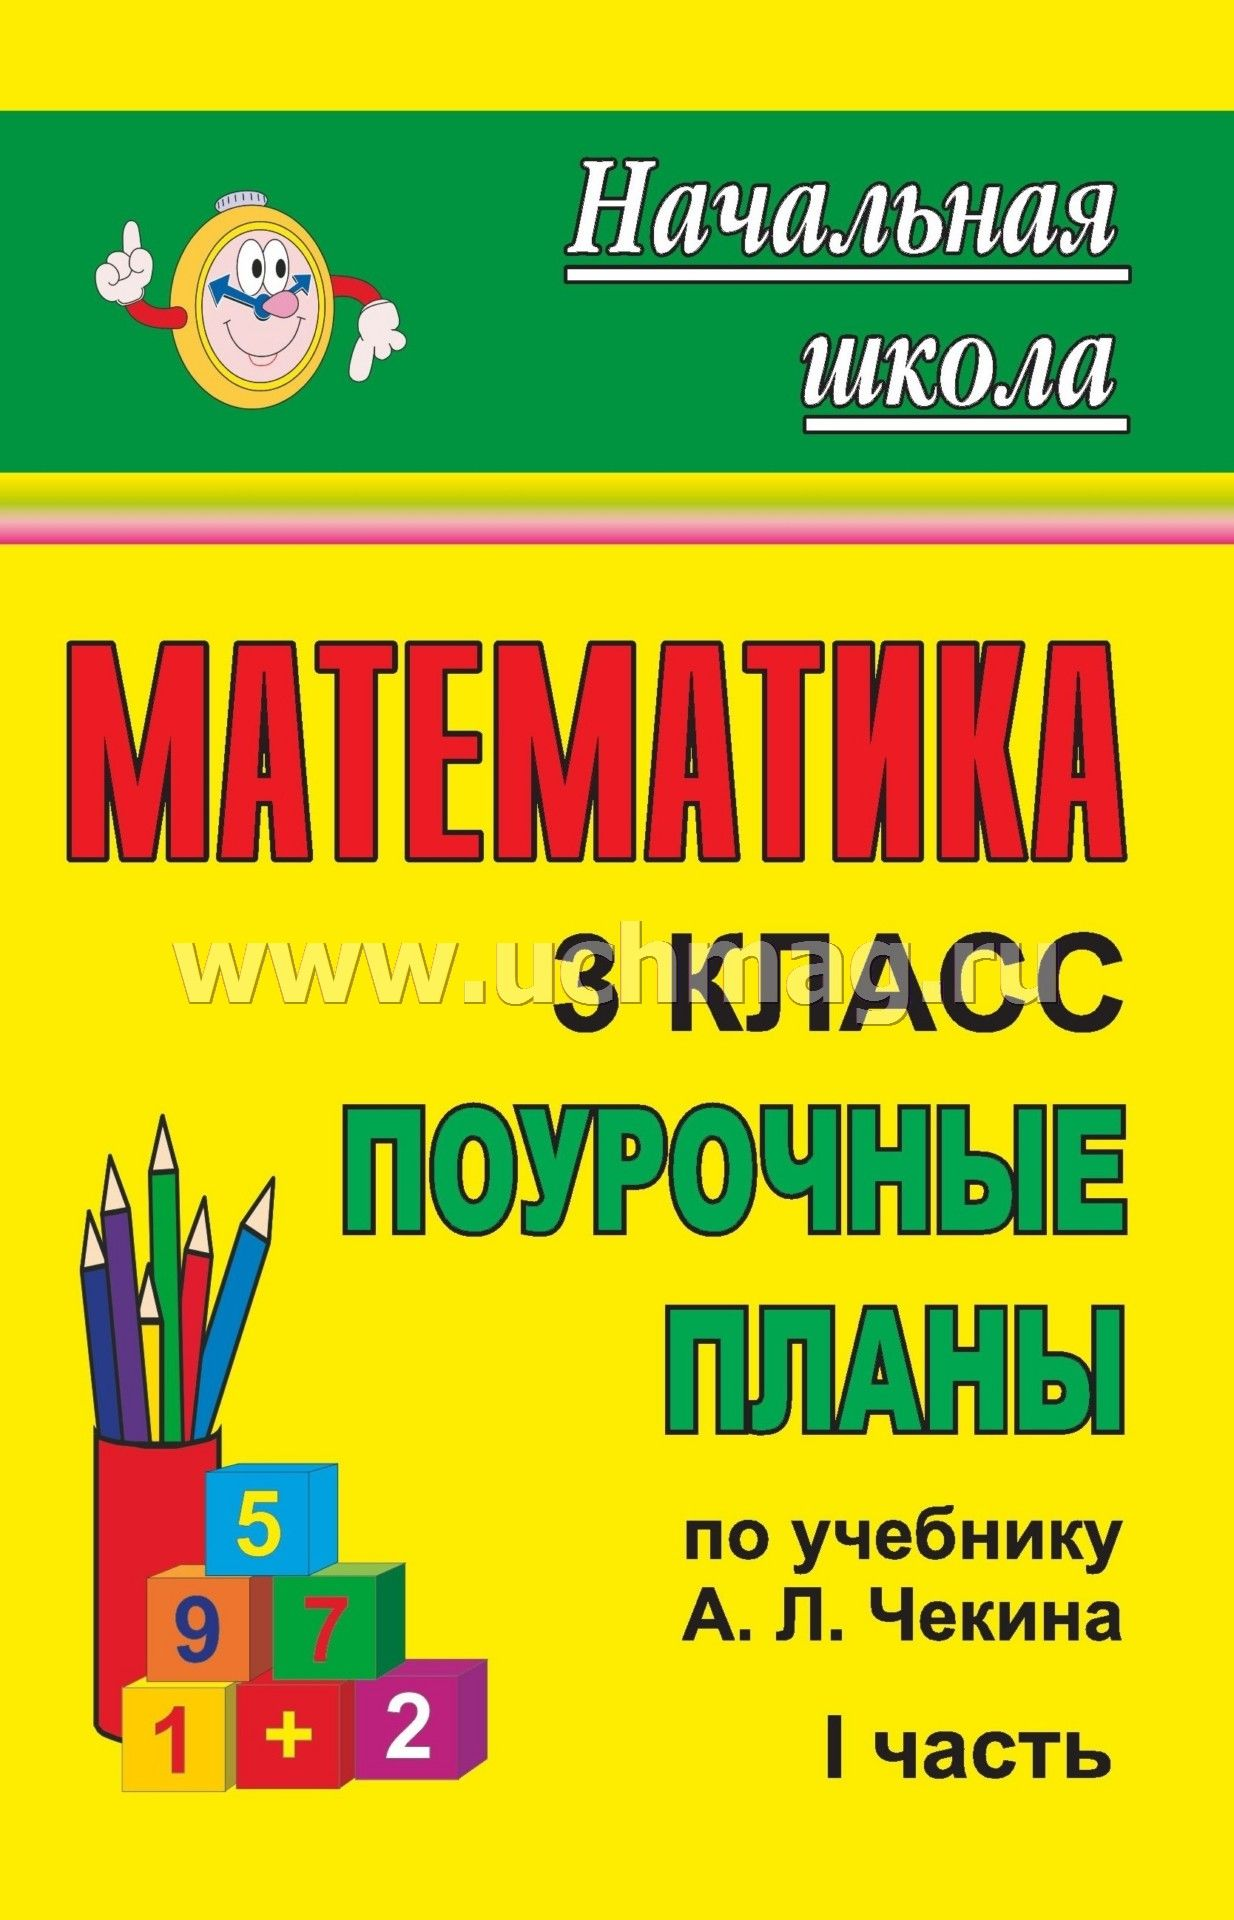 Математика 3 класс чекин